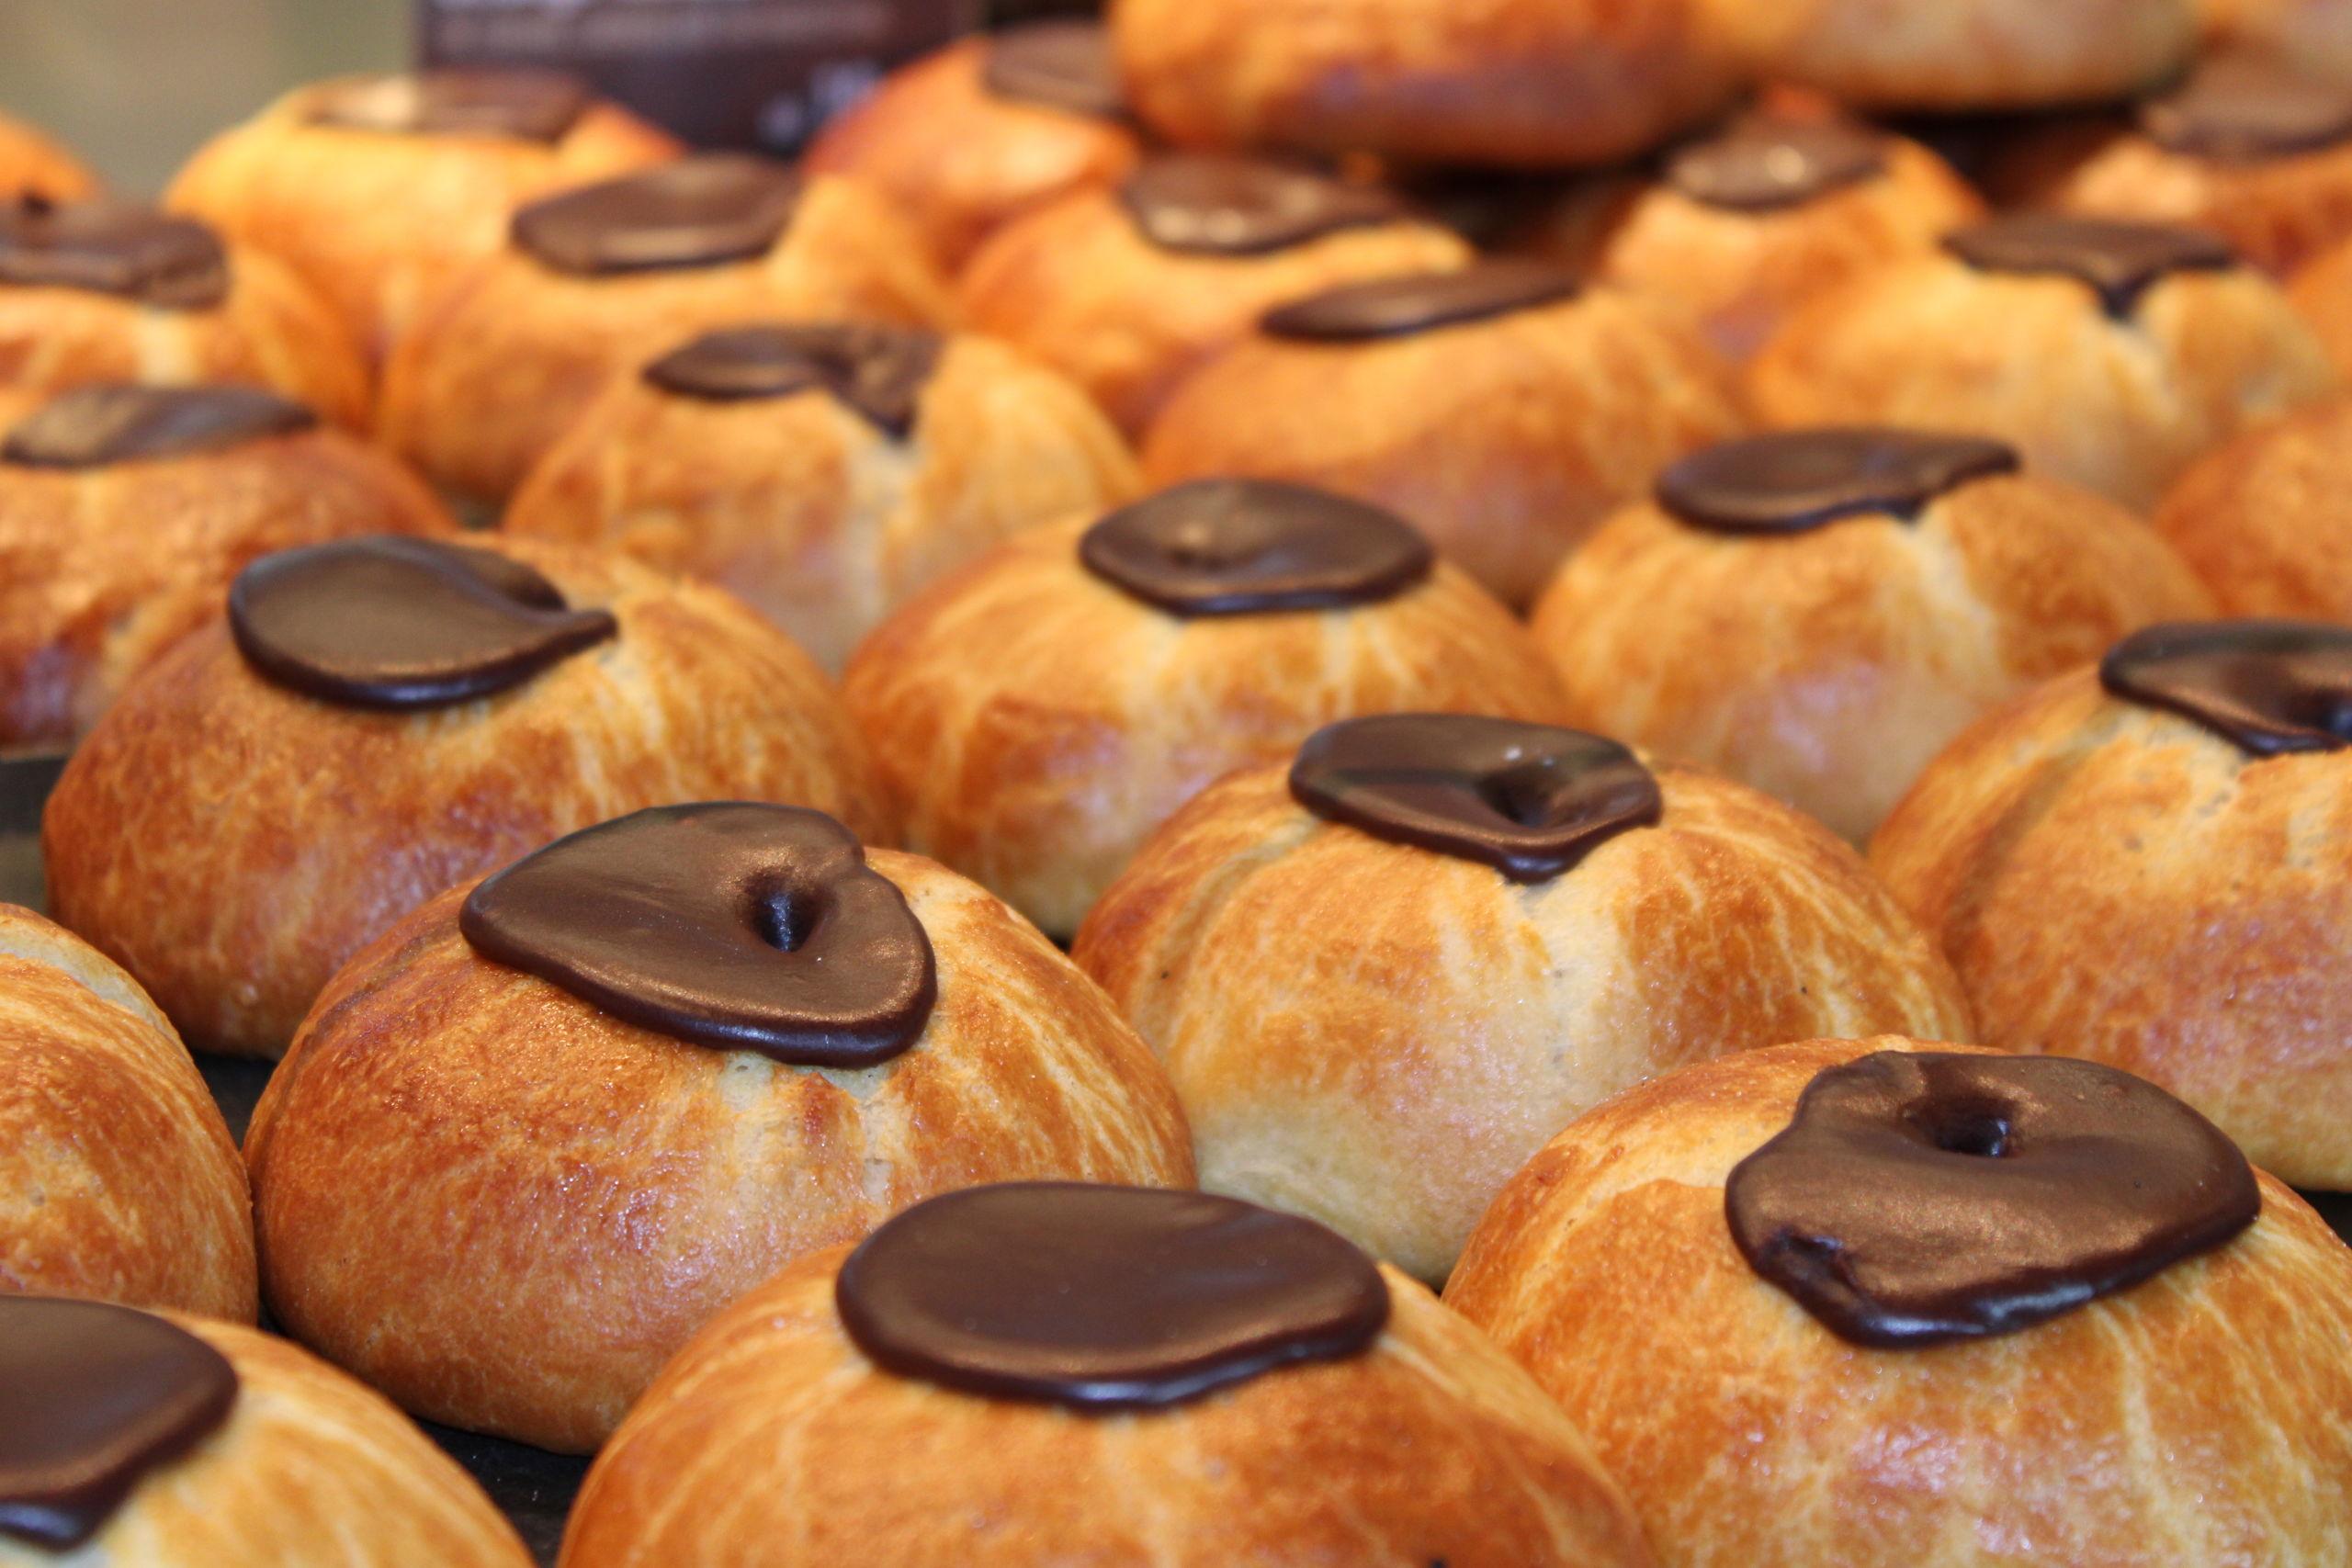 Hos Lagkagehuset kan du blandt andet få fastelavnsboller med frugt eller bær, chokoladecreme, marcipan og de gammeldags af slagsen med creme og chokolade, som vises her. Foto: Pauline Vink